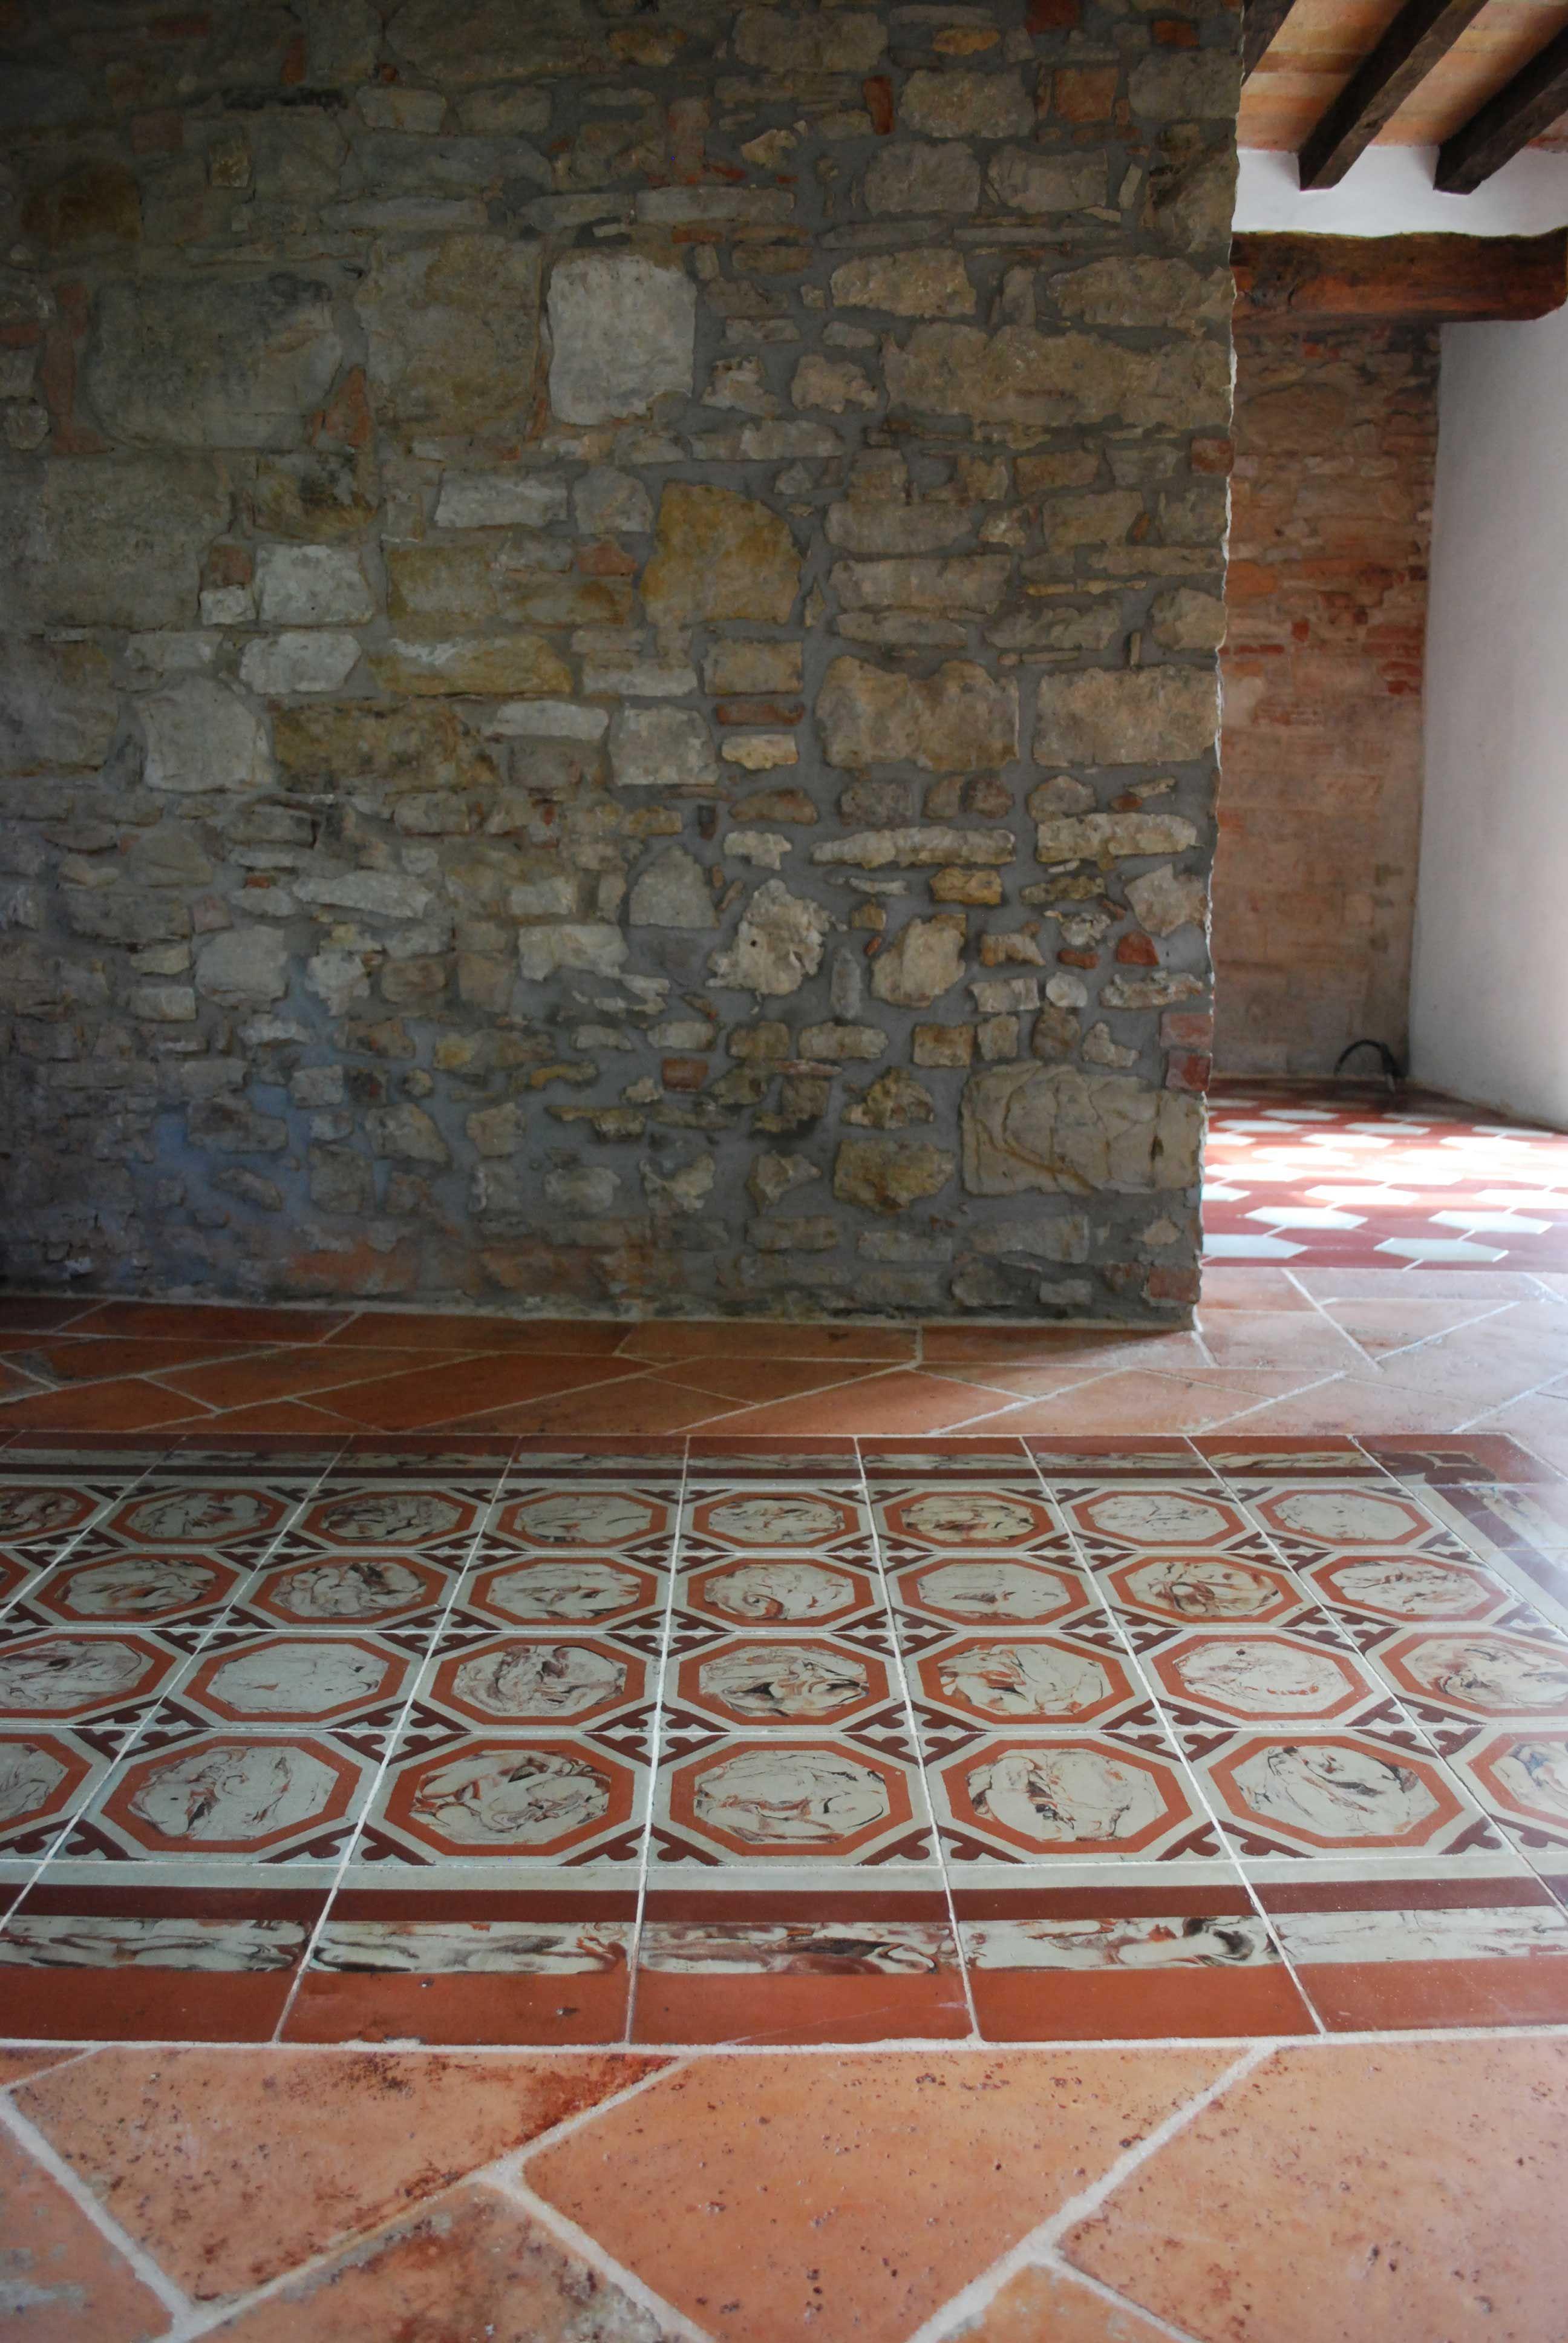 Tappeto in cementine antiche marmorizzate su pavimento in cotto cementine cementine e - Rasare su piastrelle ...